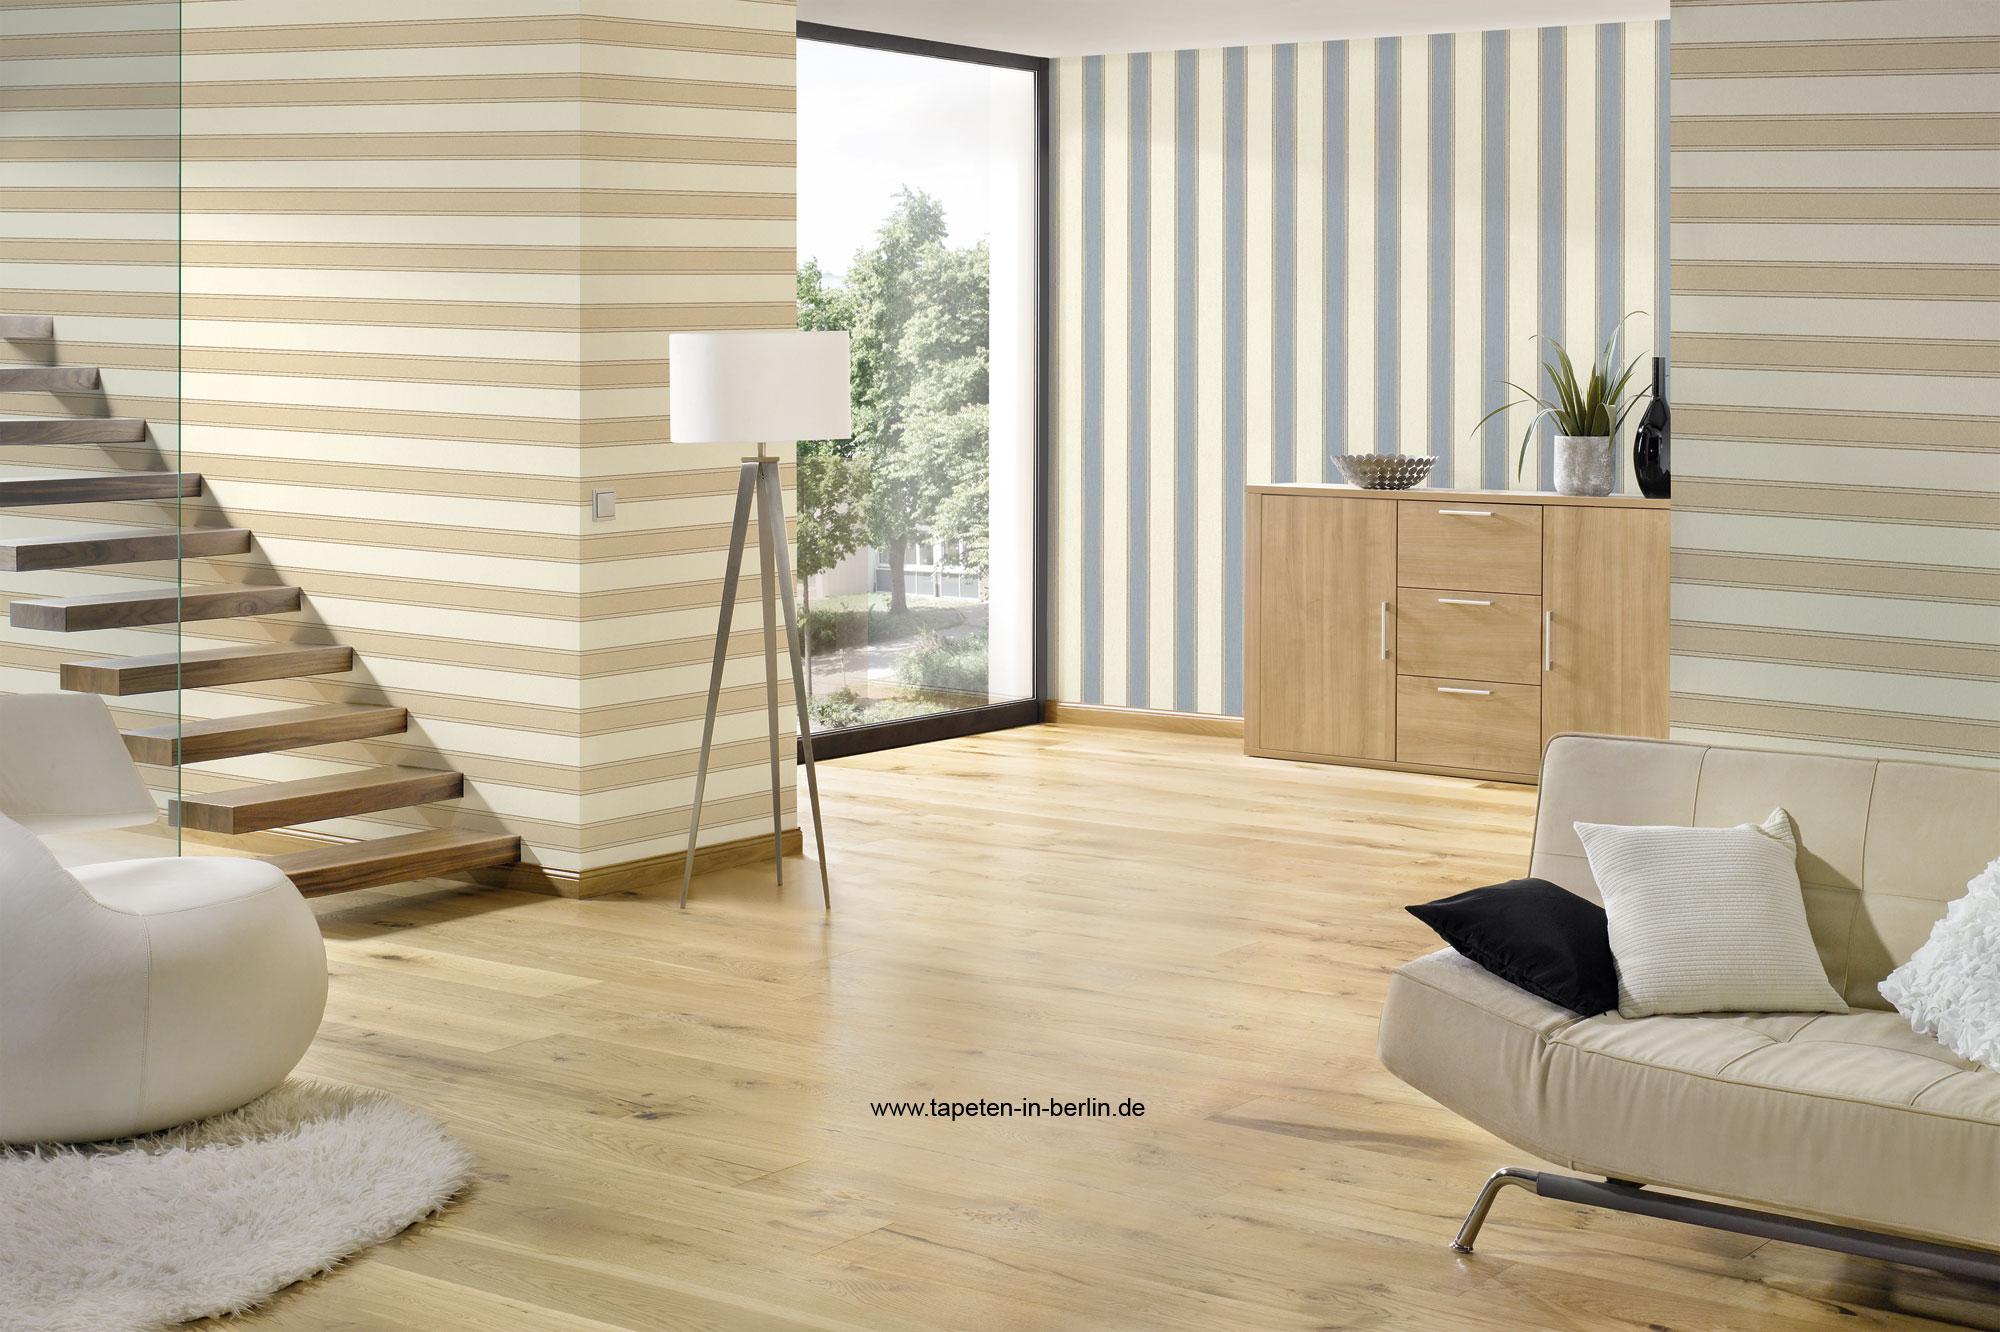 streifentapeten rasch textil tapeten mit breiten u schmalen streifen online kaufen. Black Bedroom Furniture Sets. Home Design Ideas